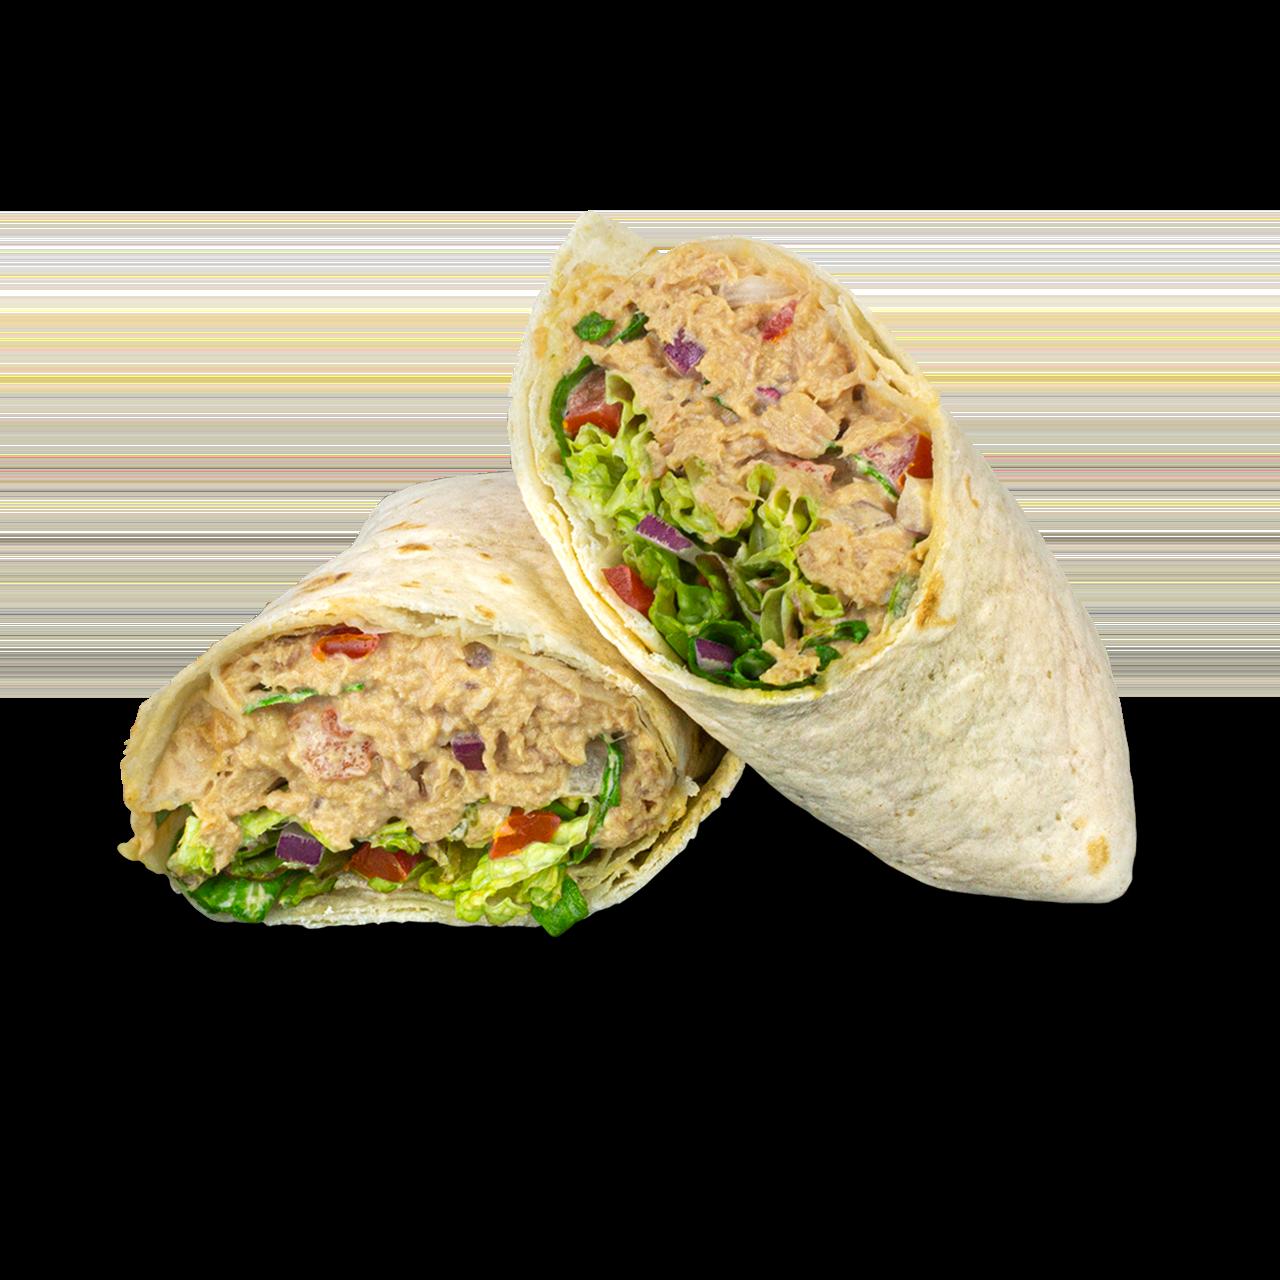 tostibanaan-wrap-tonijnsalade